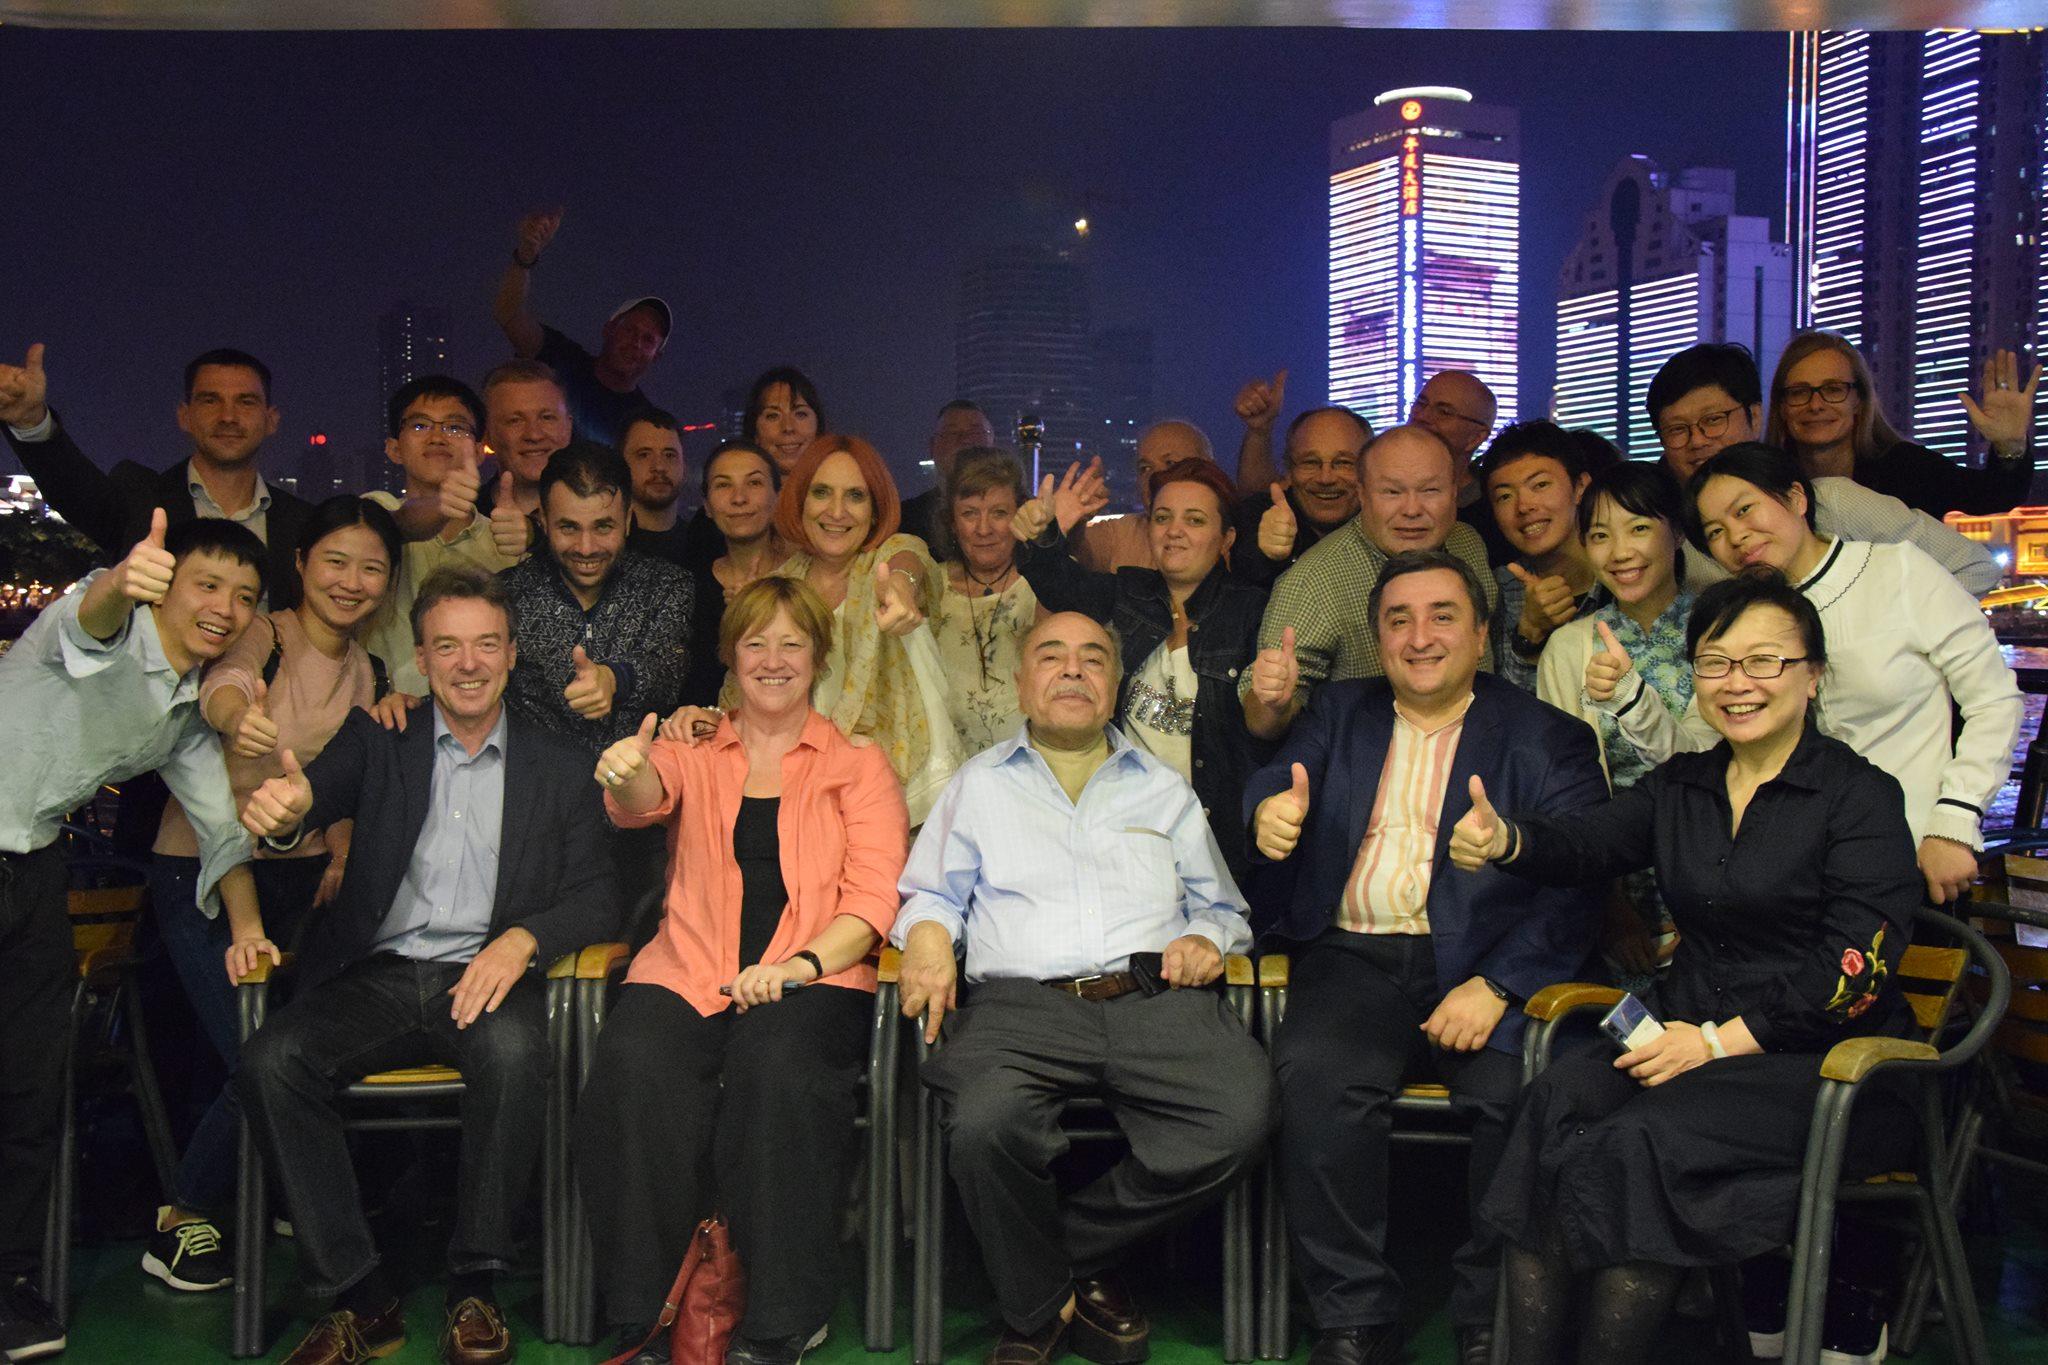 13. Nemzetközi találkozó –  2018. október 11-13. Kína, Guangzhou (a teljesség igénye nélkül)